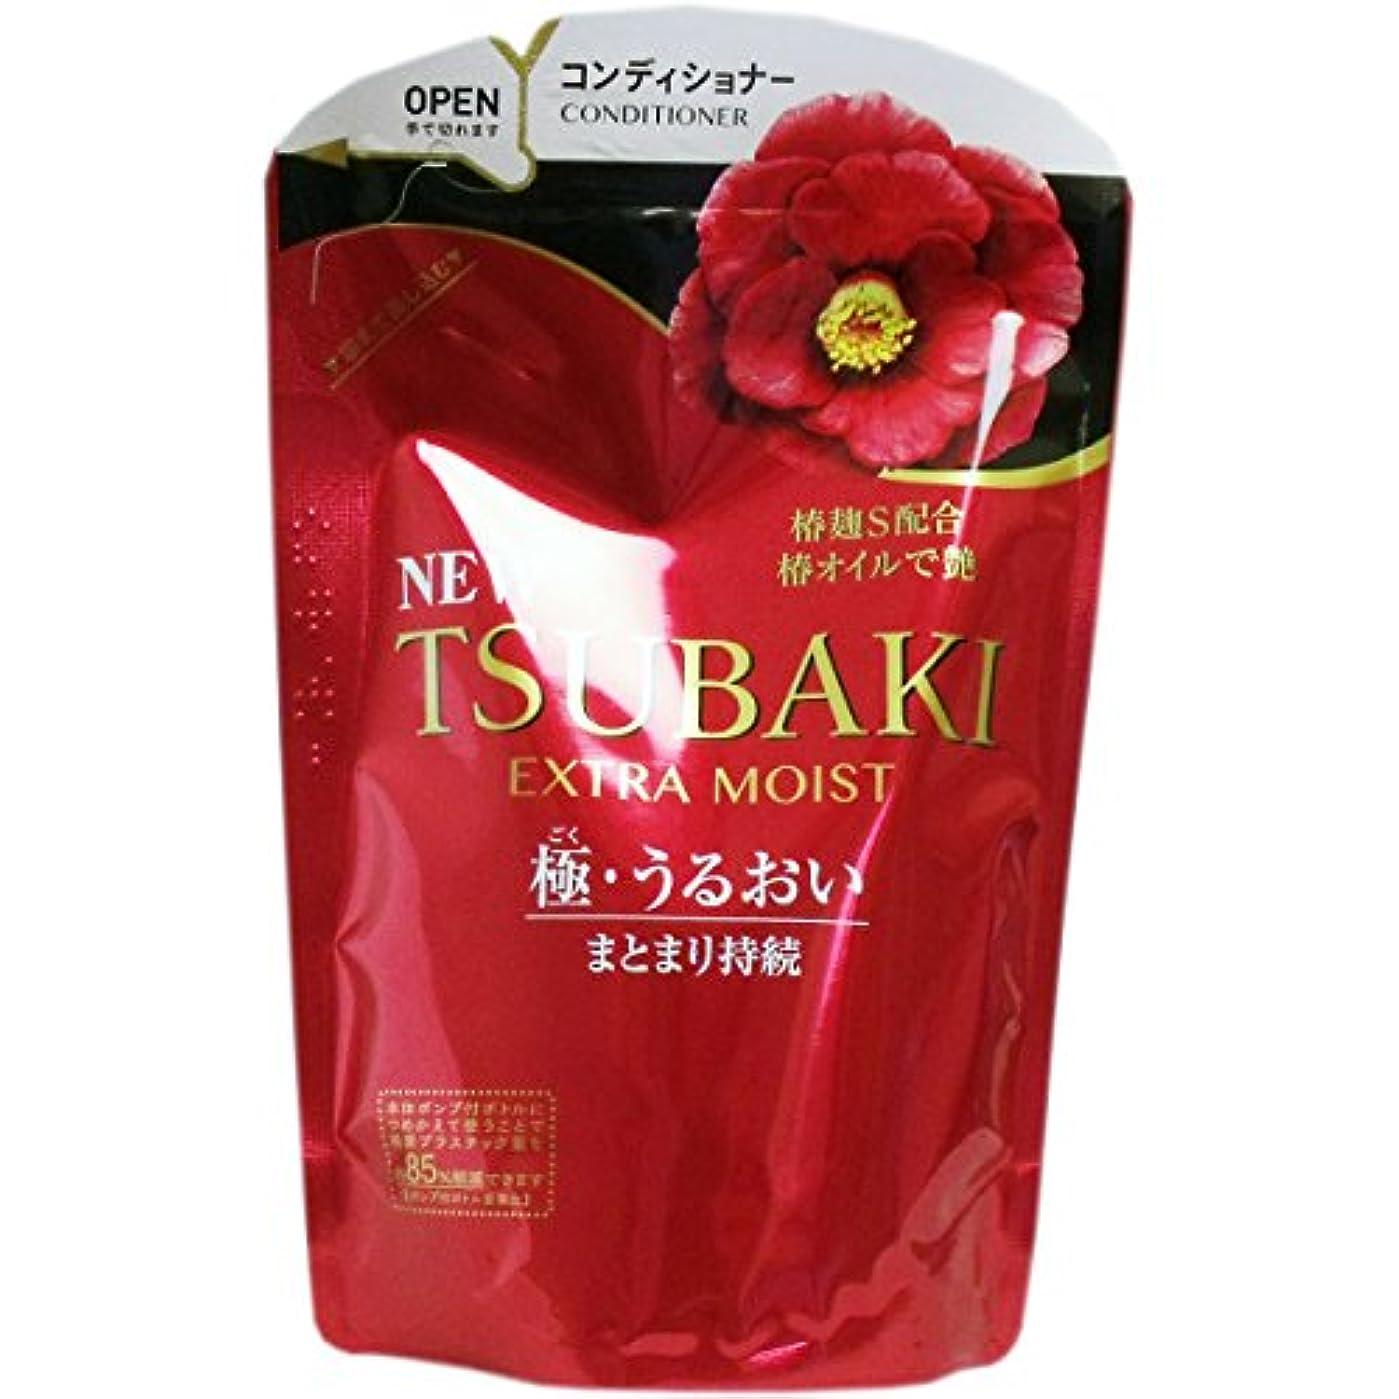 頼むしかしながら並外れて<お得な2個パック>TSUBAKI エクストラモイスト コンディショナー つめかえ用 345ml入り×2個